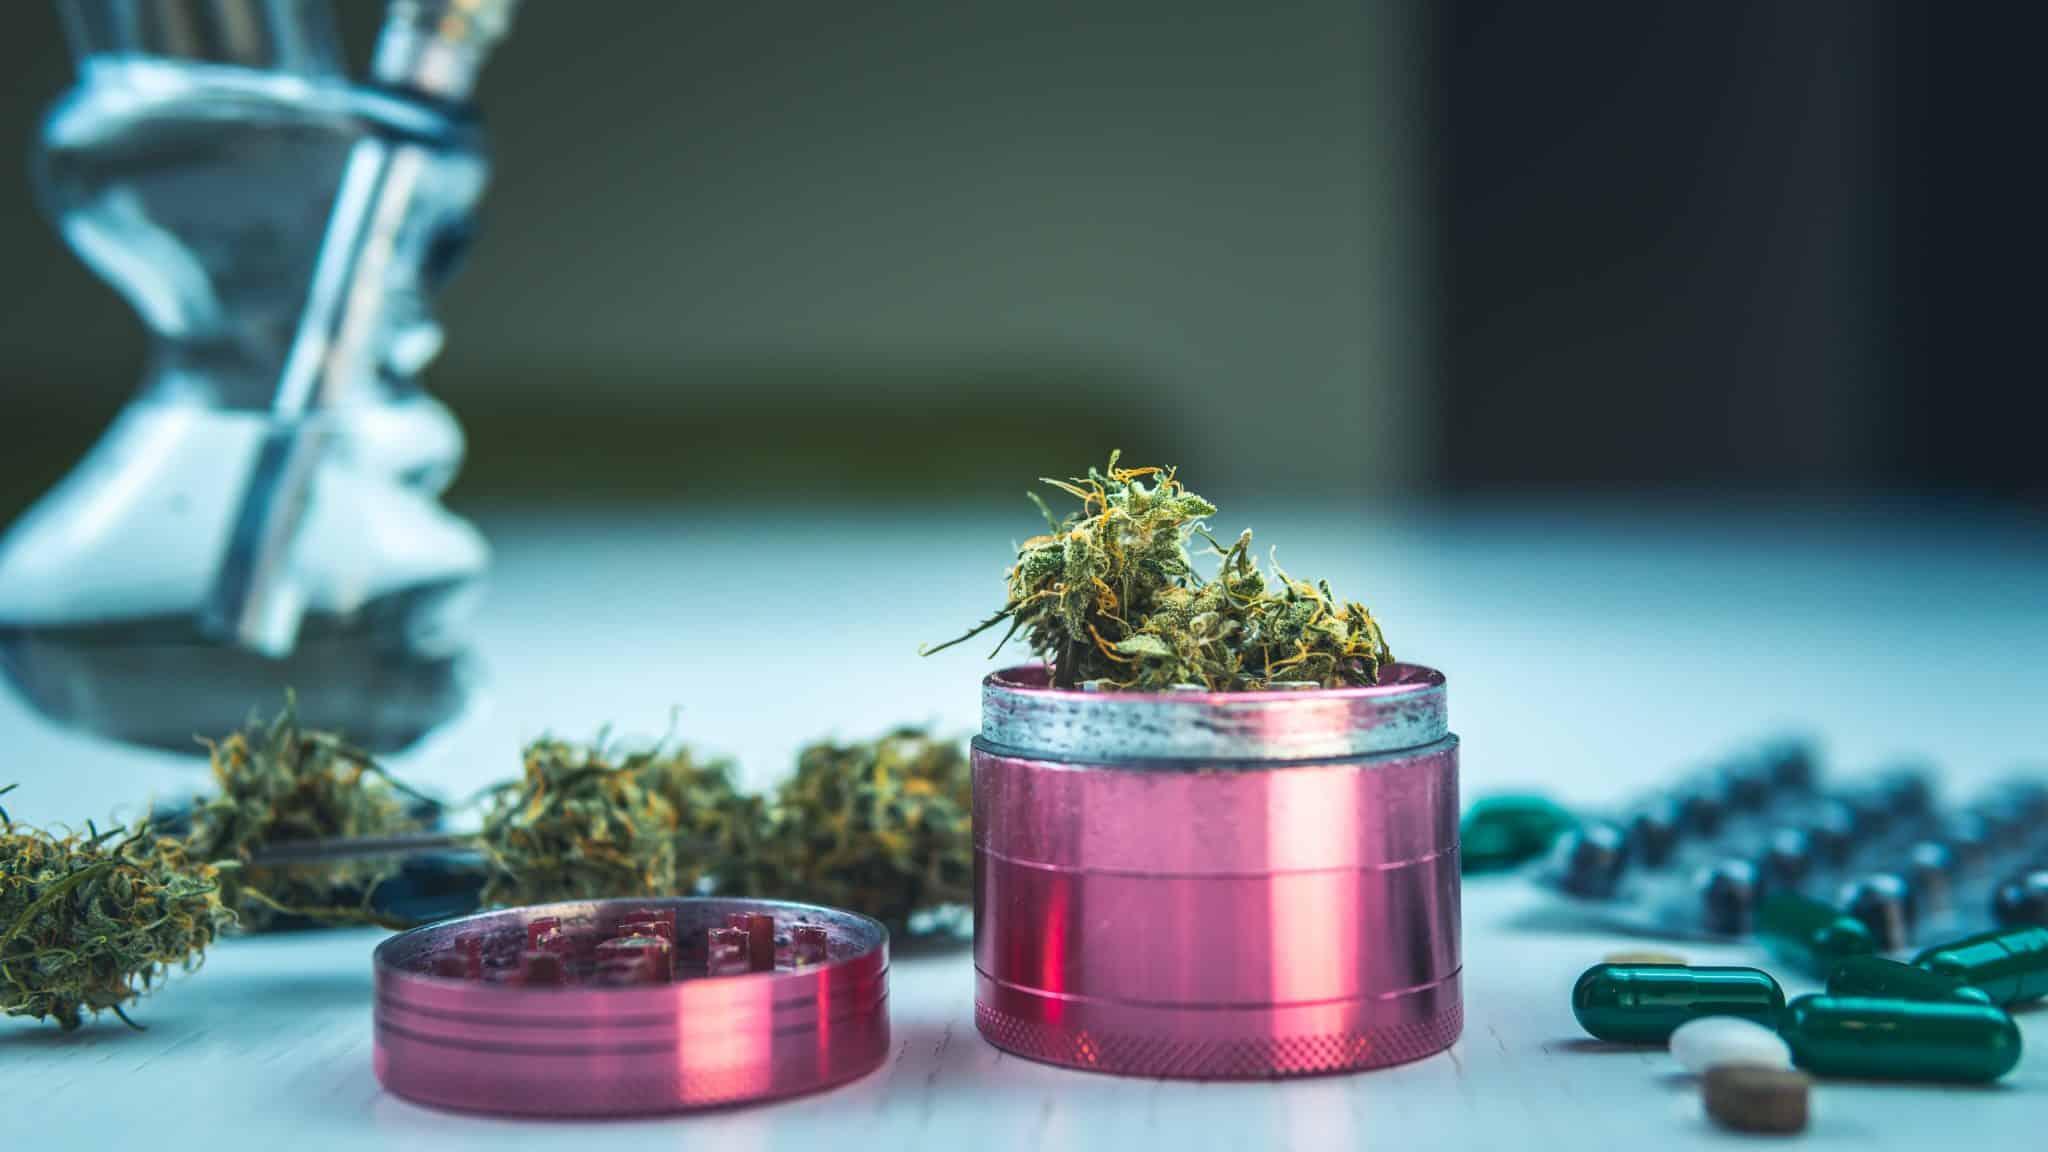 dry herb grinder